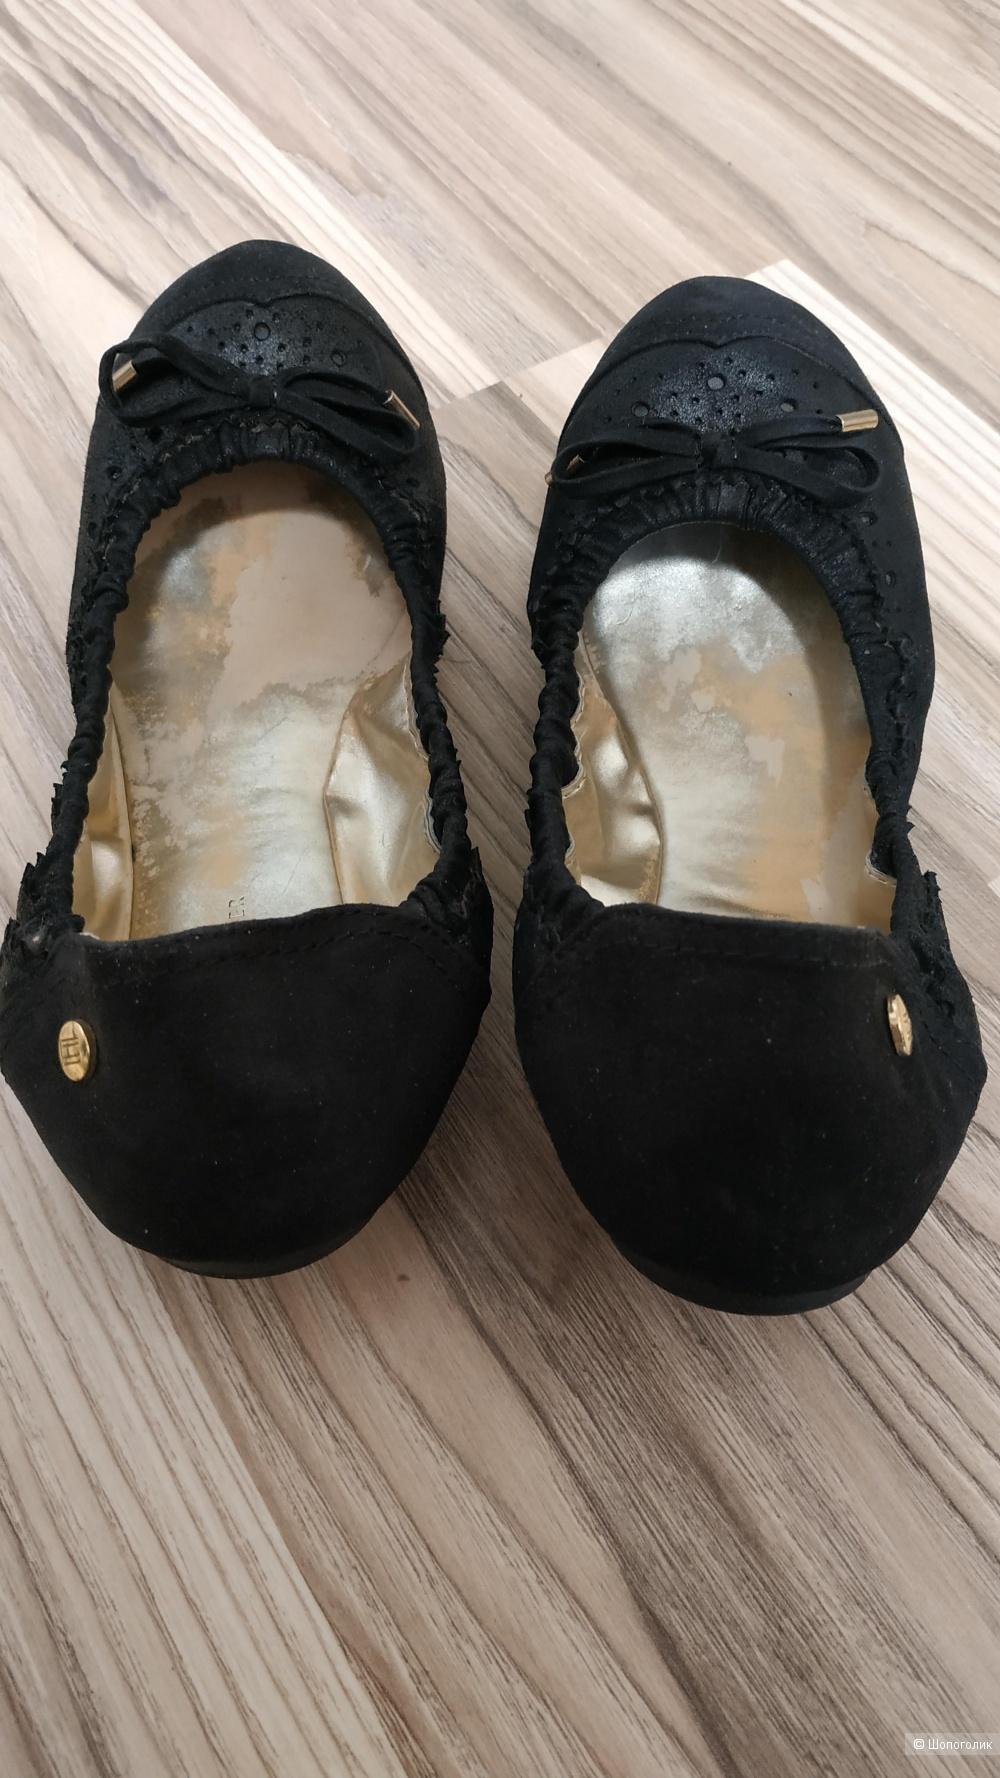 Балетки кожаные Tommy Hilfiger, размер 6-7